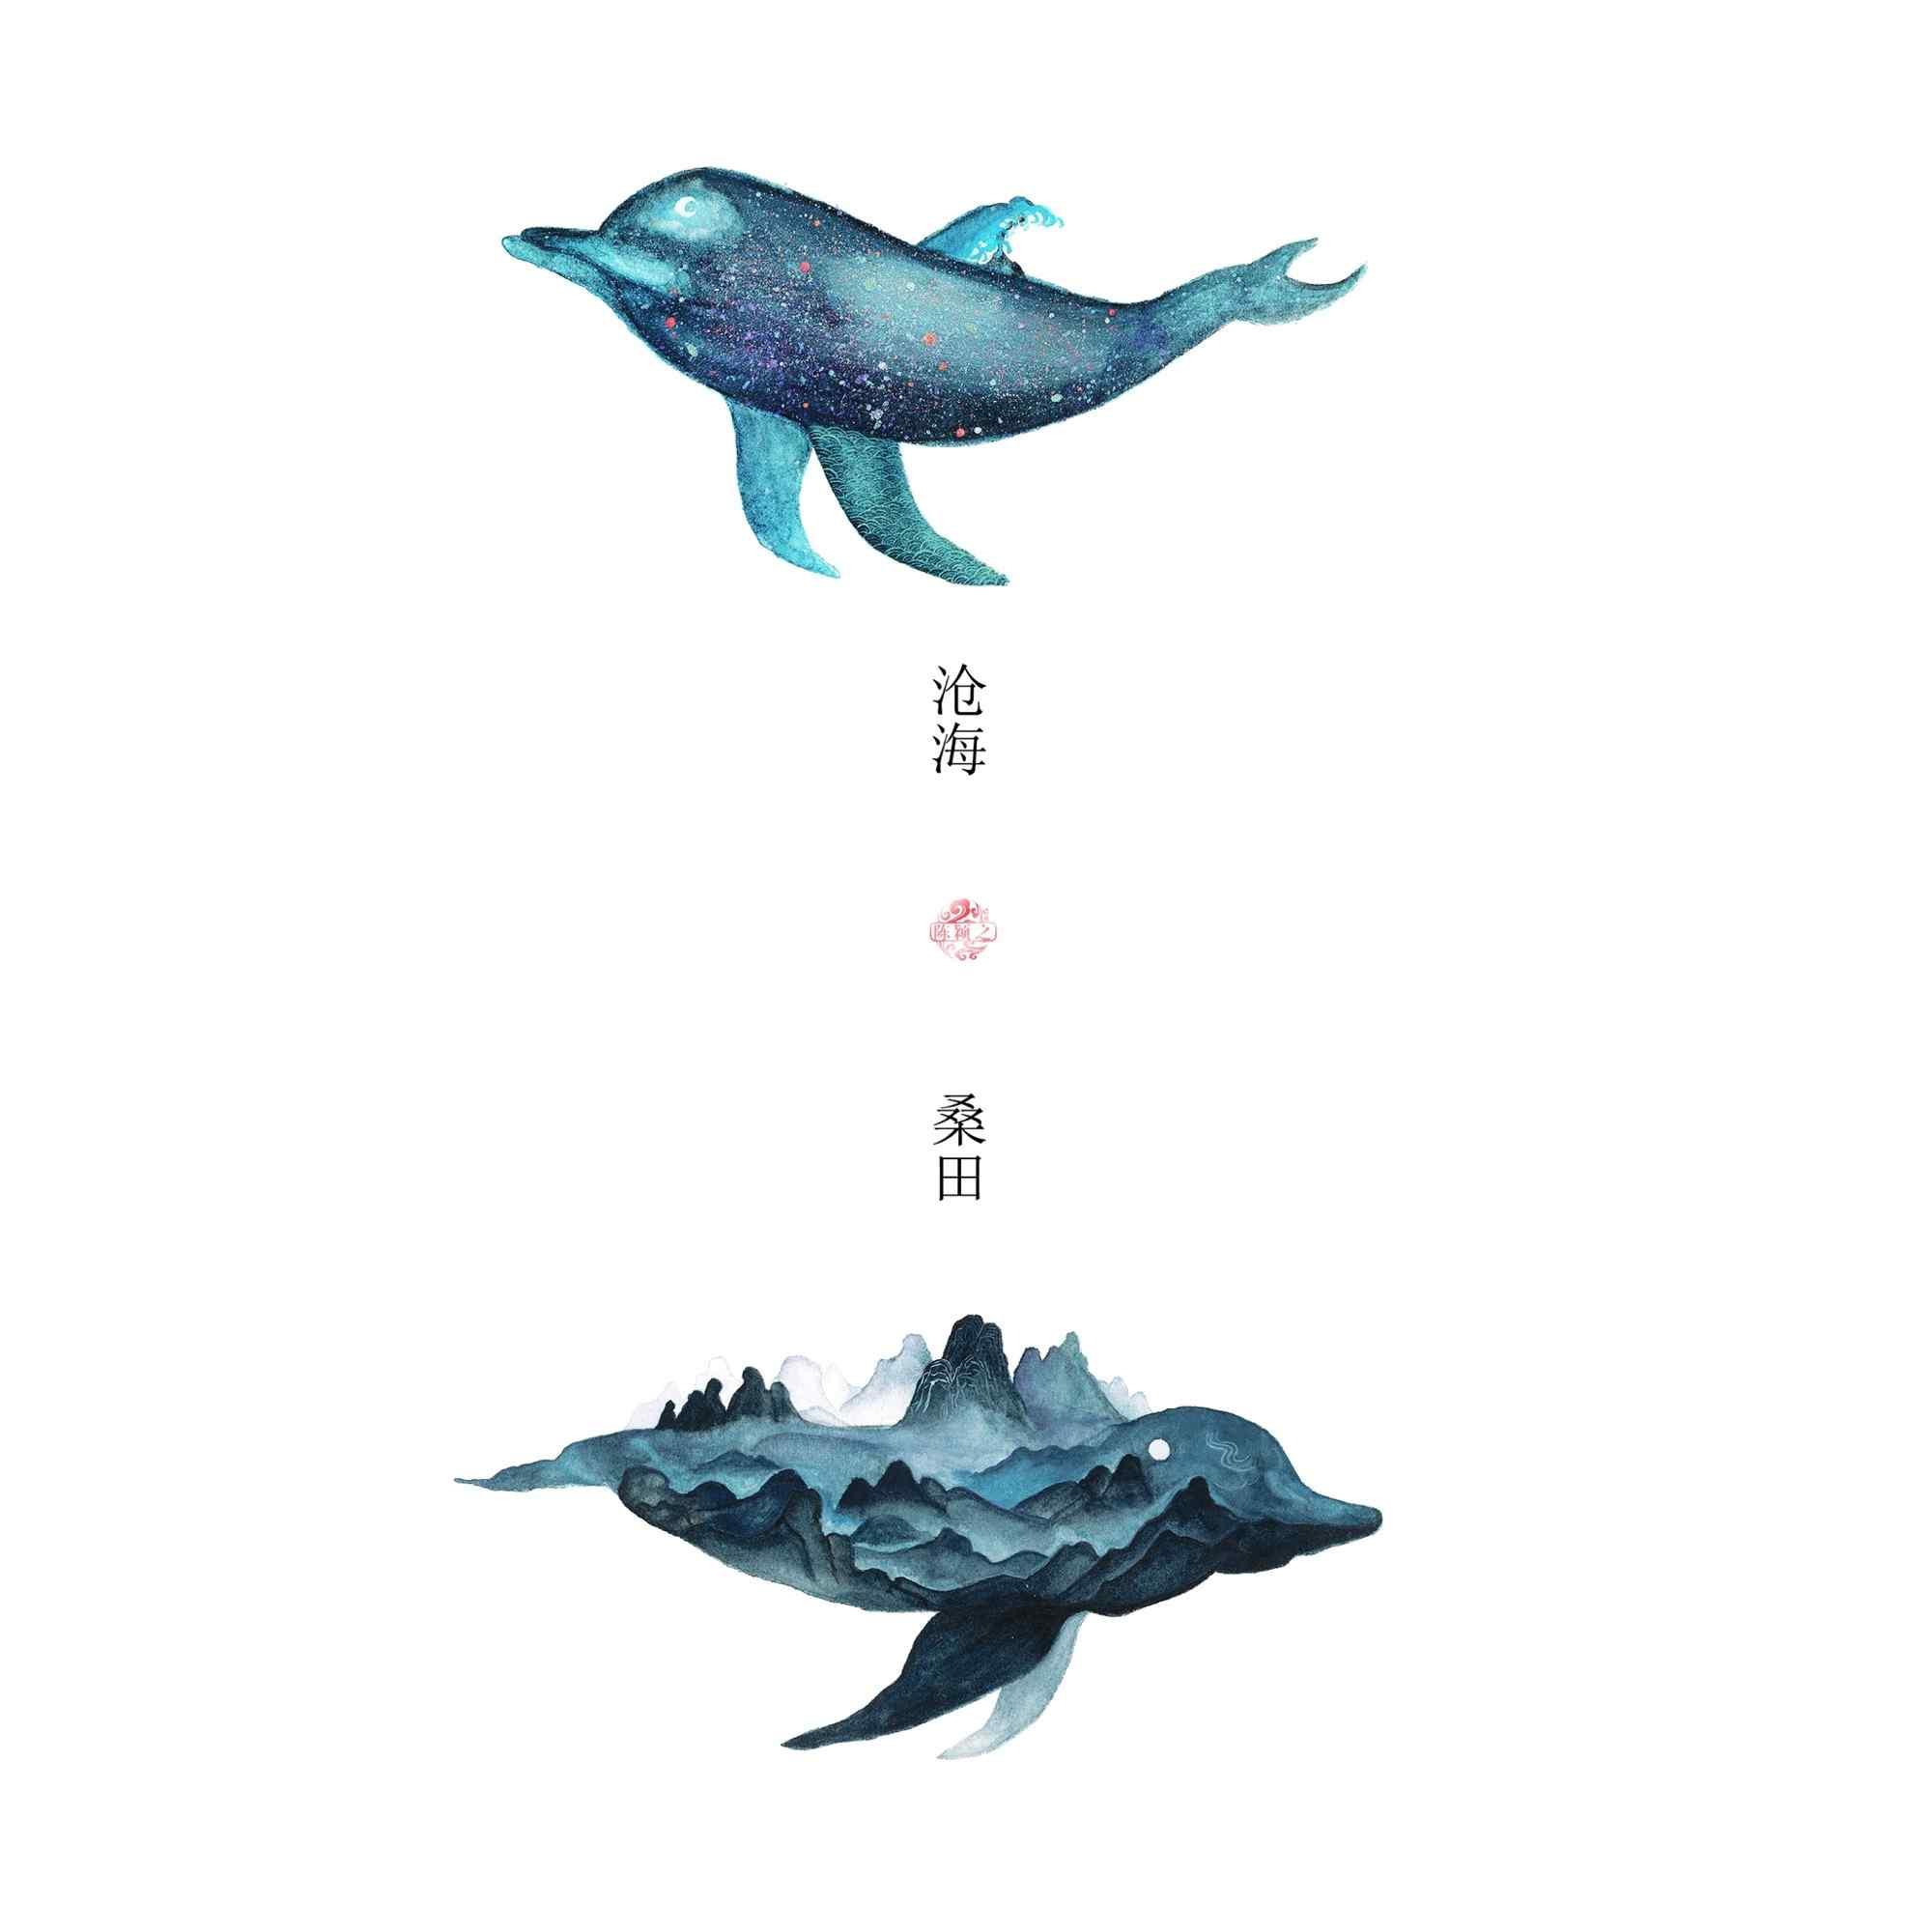 创意手绘可爱海豚手机壁纸